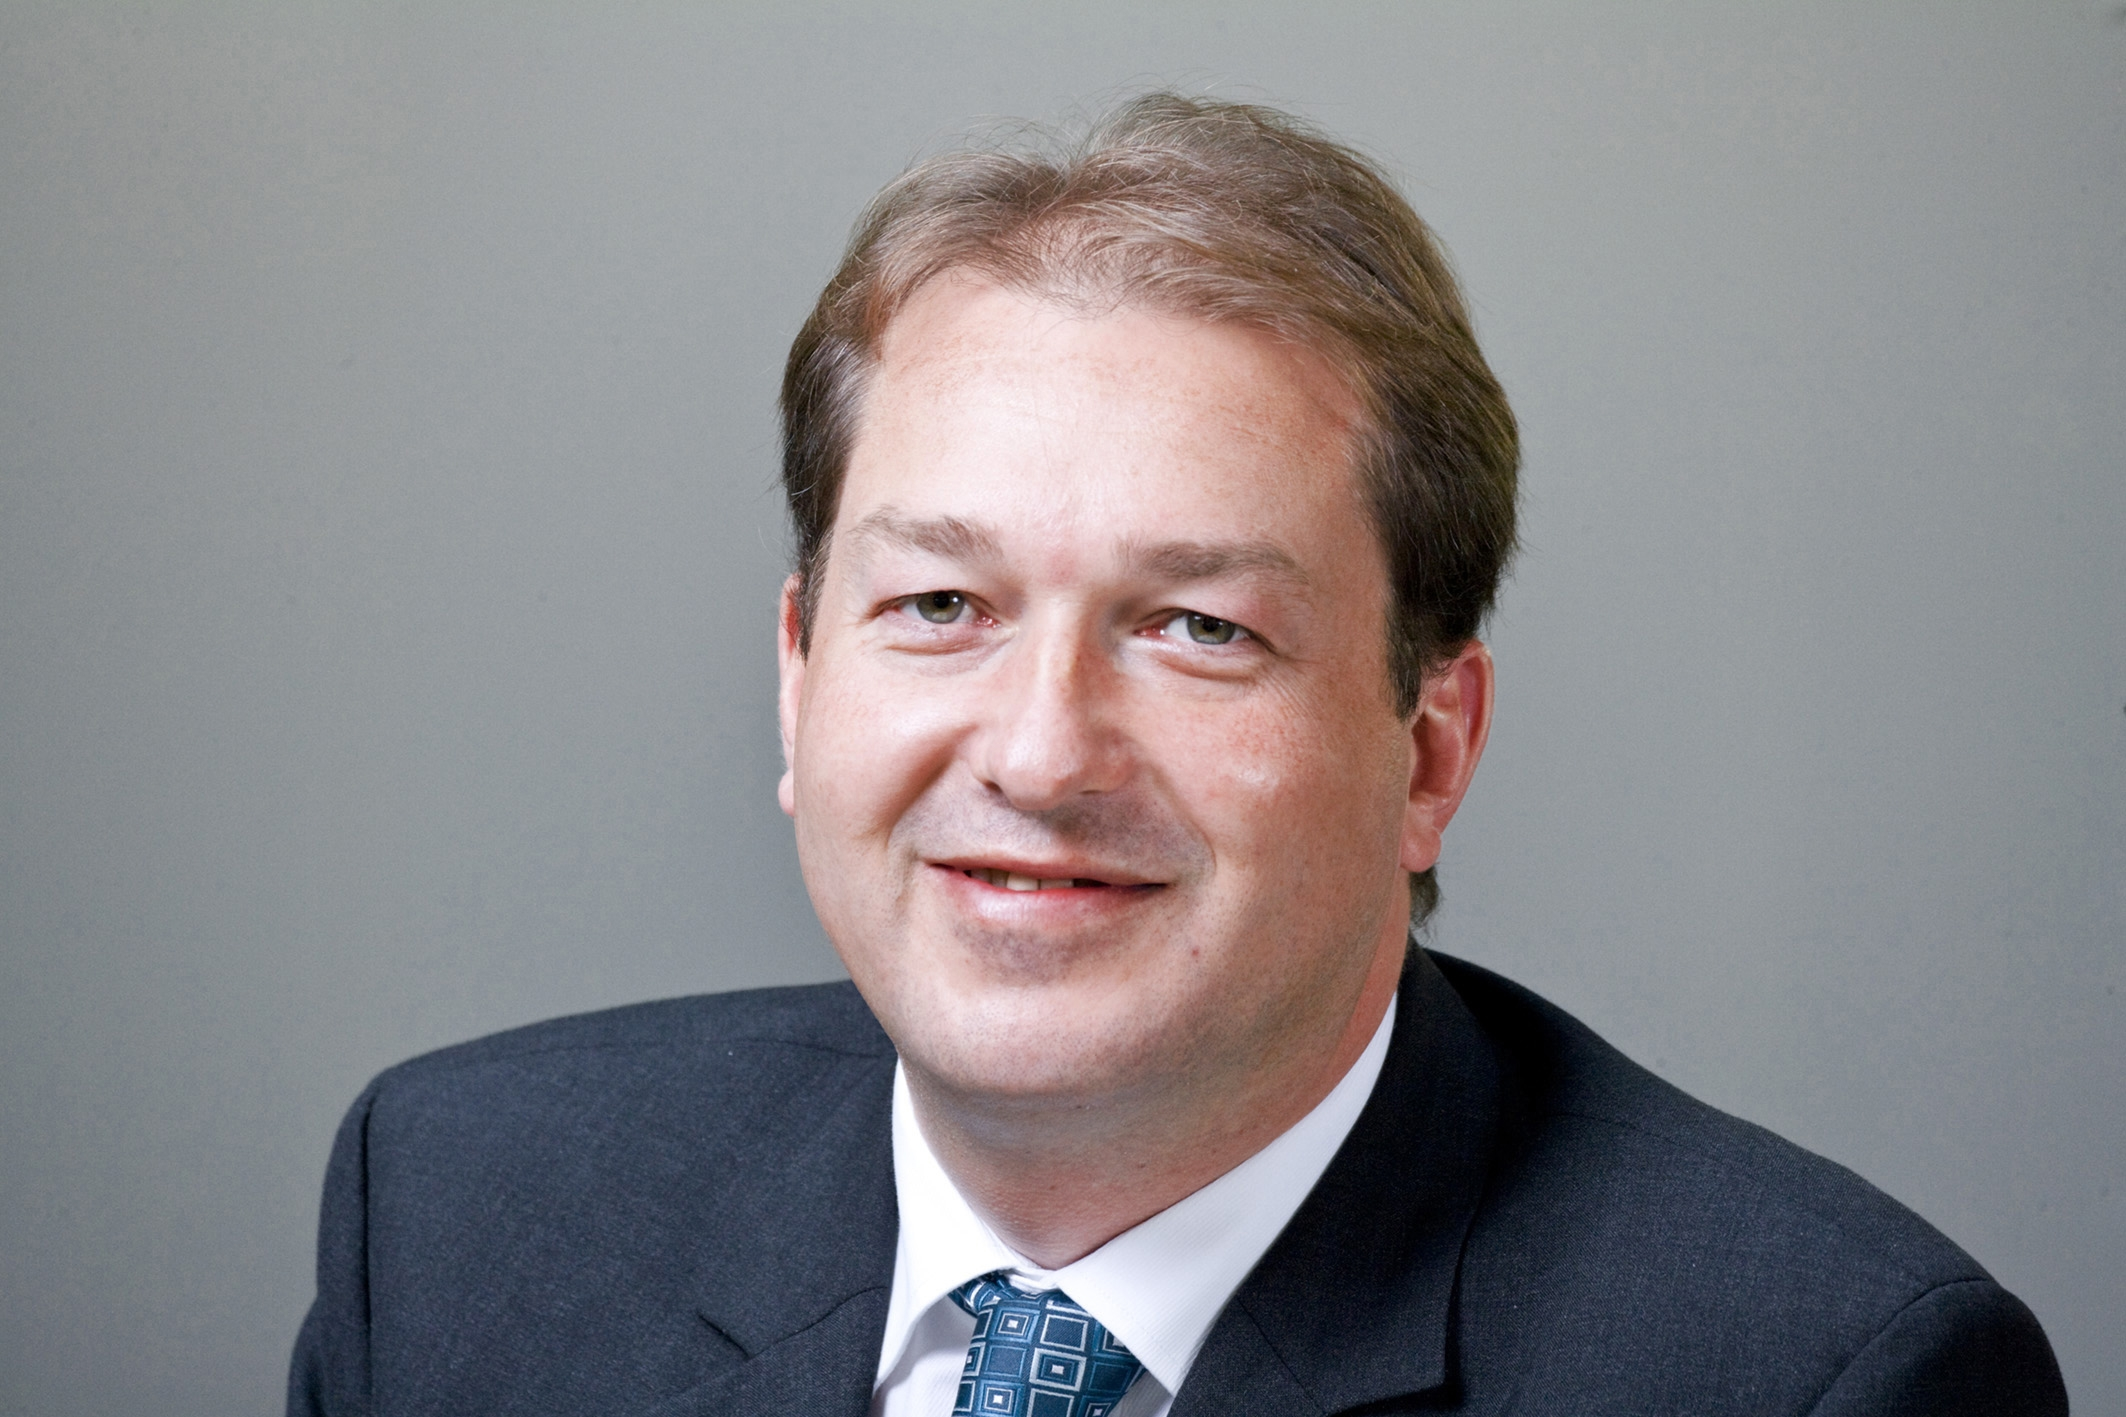 CSU-Generalsekretär Dobrindt: Hartz IV-Familie hat angeblich 1.900 Euro